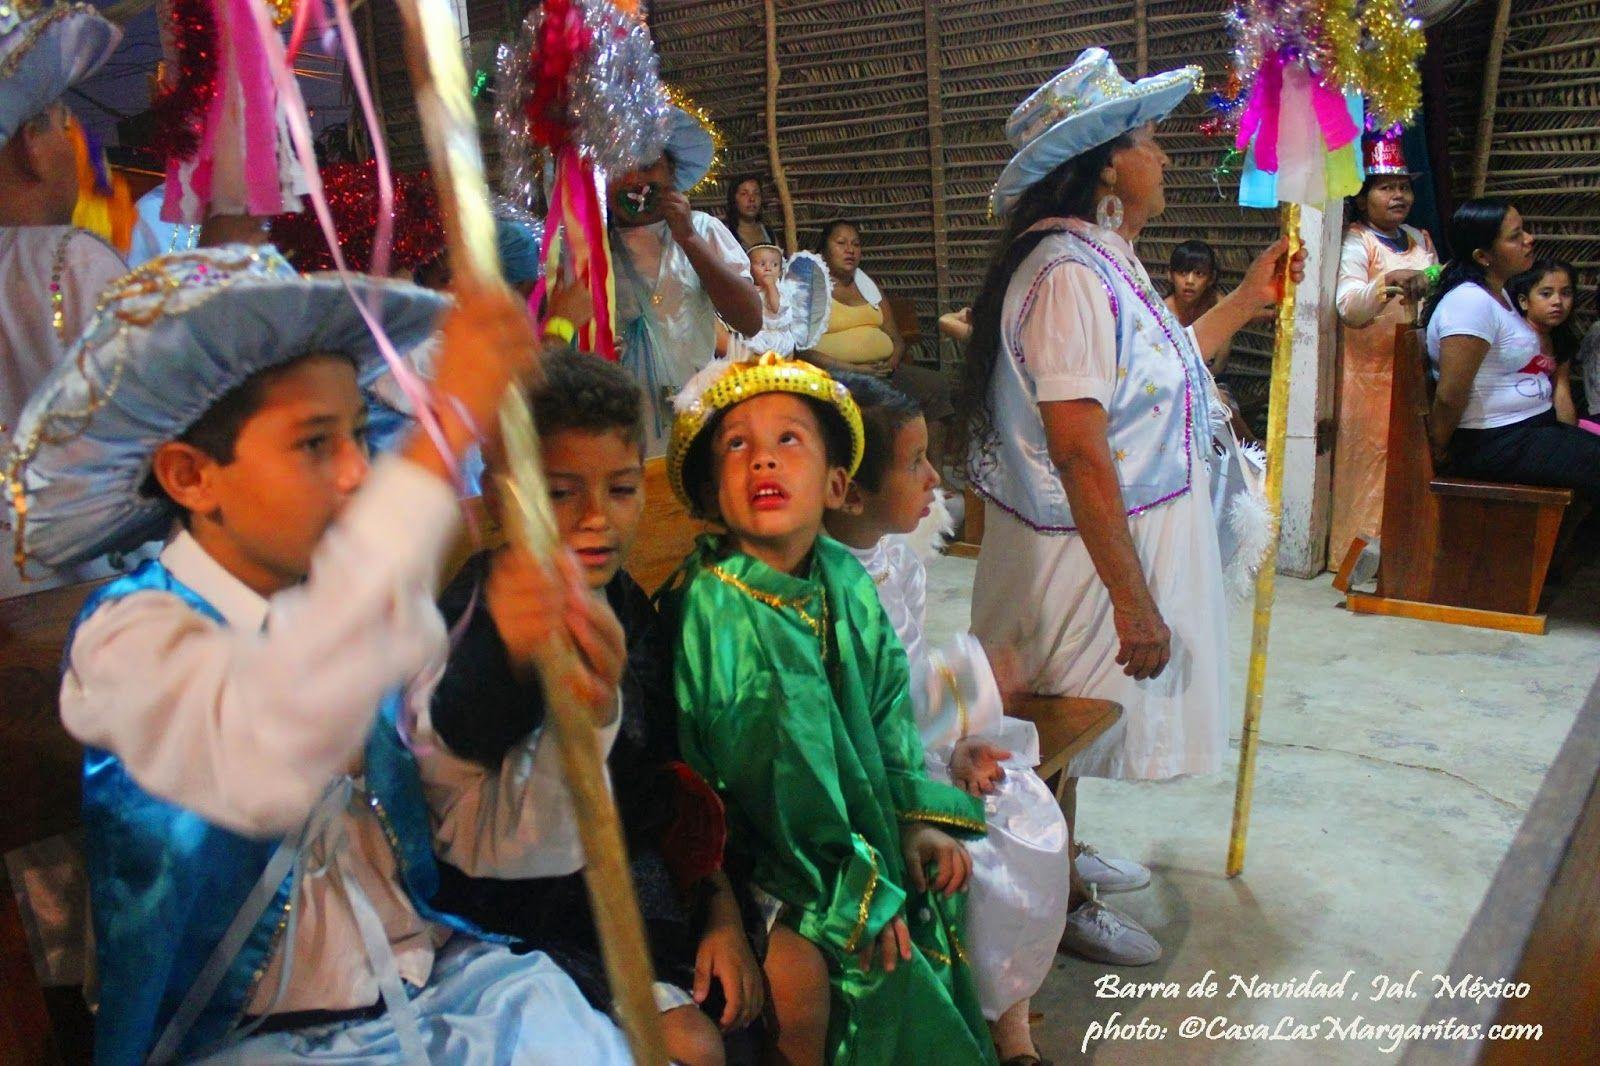 living barra de navidad mexican christmas traditions posadas and pastorelas in barra de navidad